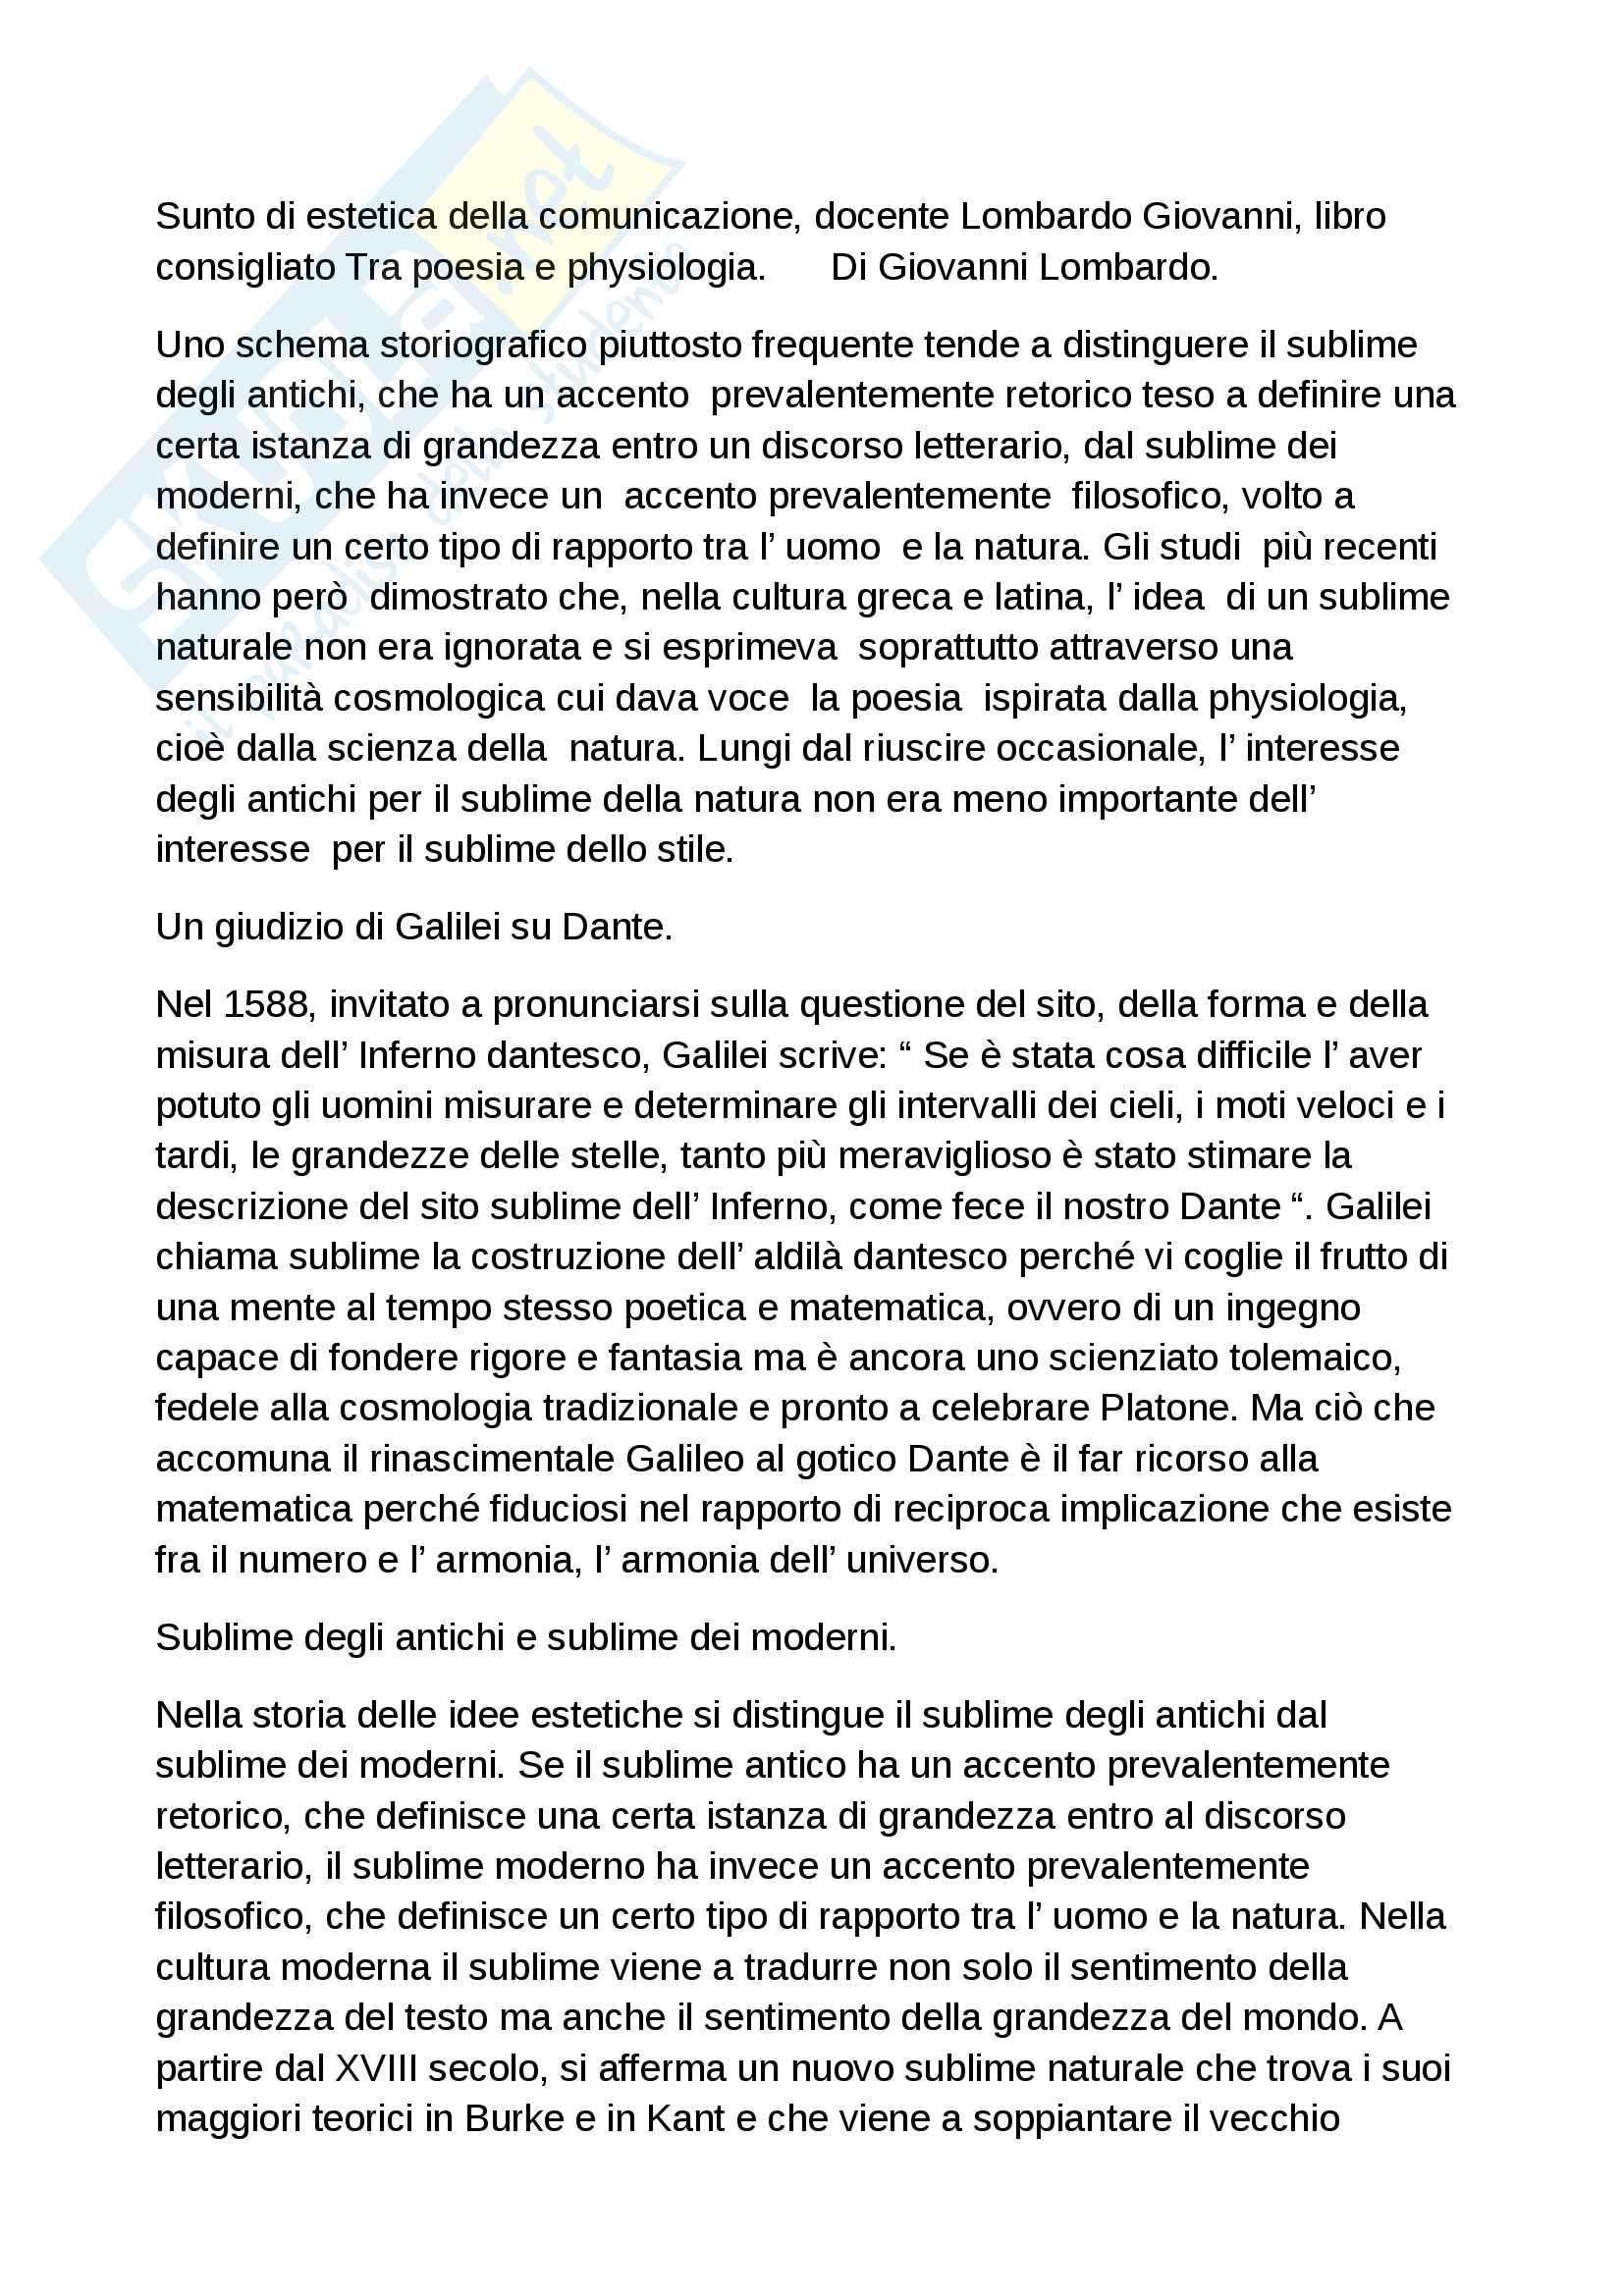 Riassunto esame estetica della comunicazione, docente Lombardo, libro consigliato Tra poesia e physiologia di Lombardo